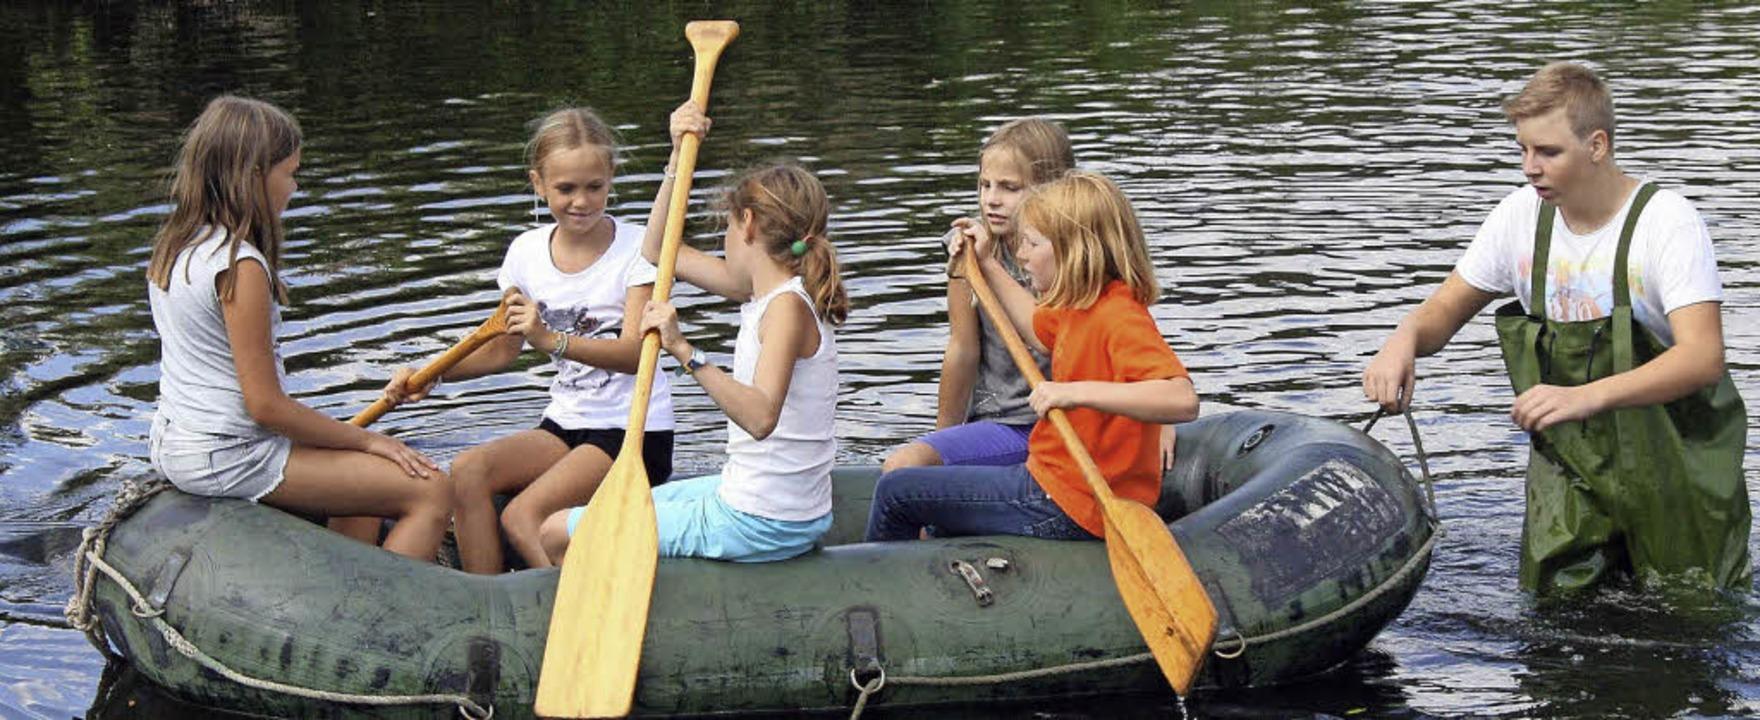 Beim Schlauchbootfahren auf der Wiese ...rienprogramm fand in Fahrnau statt.       Foto: Ralph Lacher